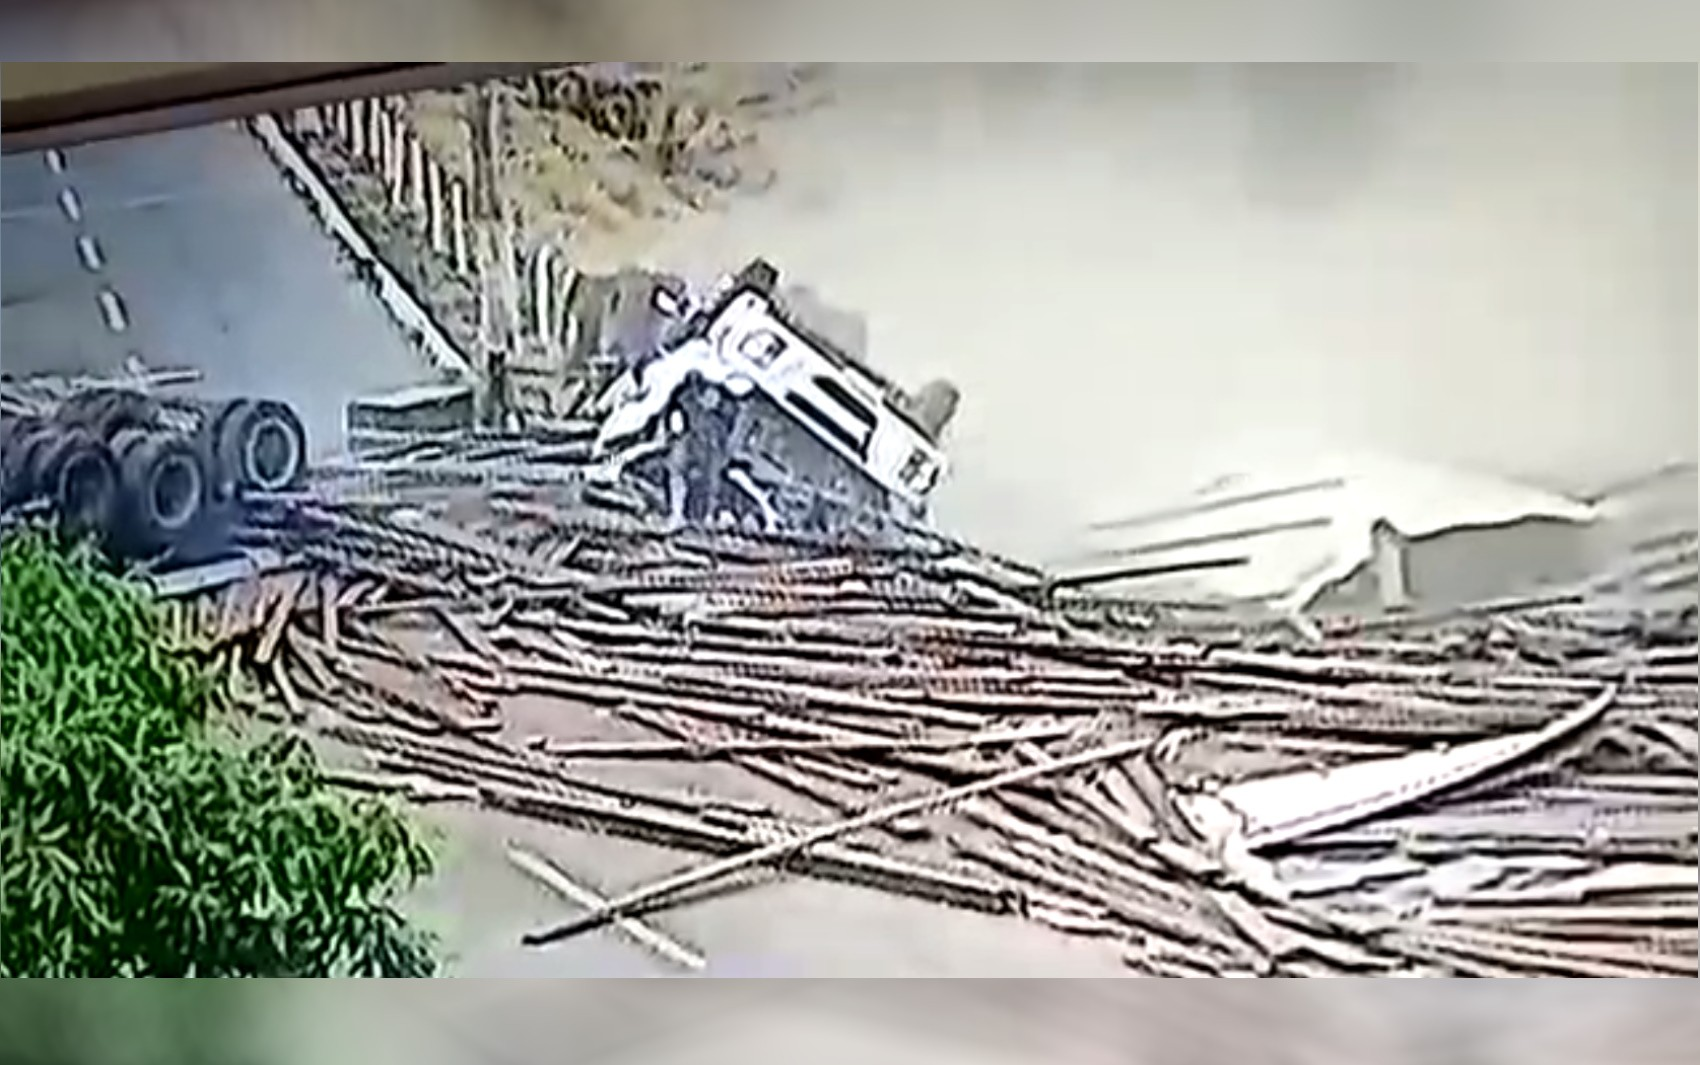 Motorista fica ileso e sai andando da cabine após caminhão tombar e espalhar carga de madeira pela GO-050; vídeo